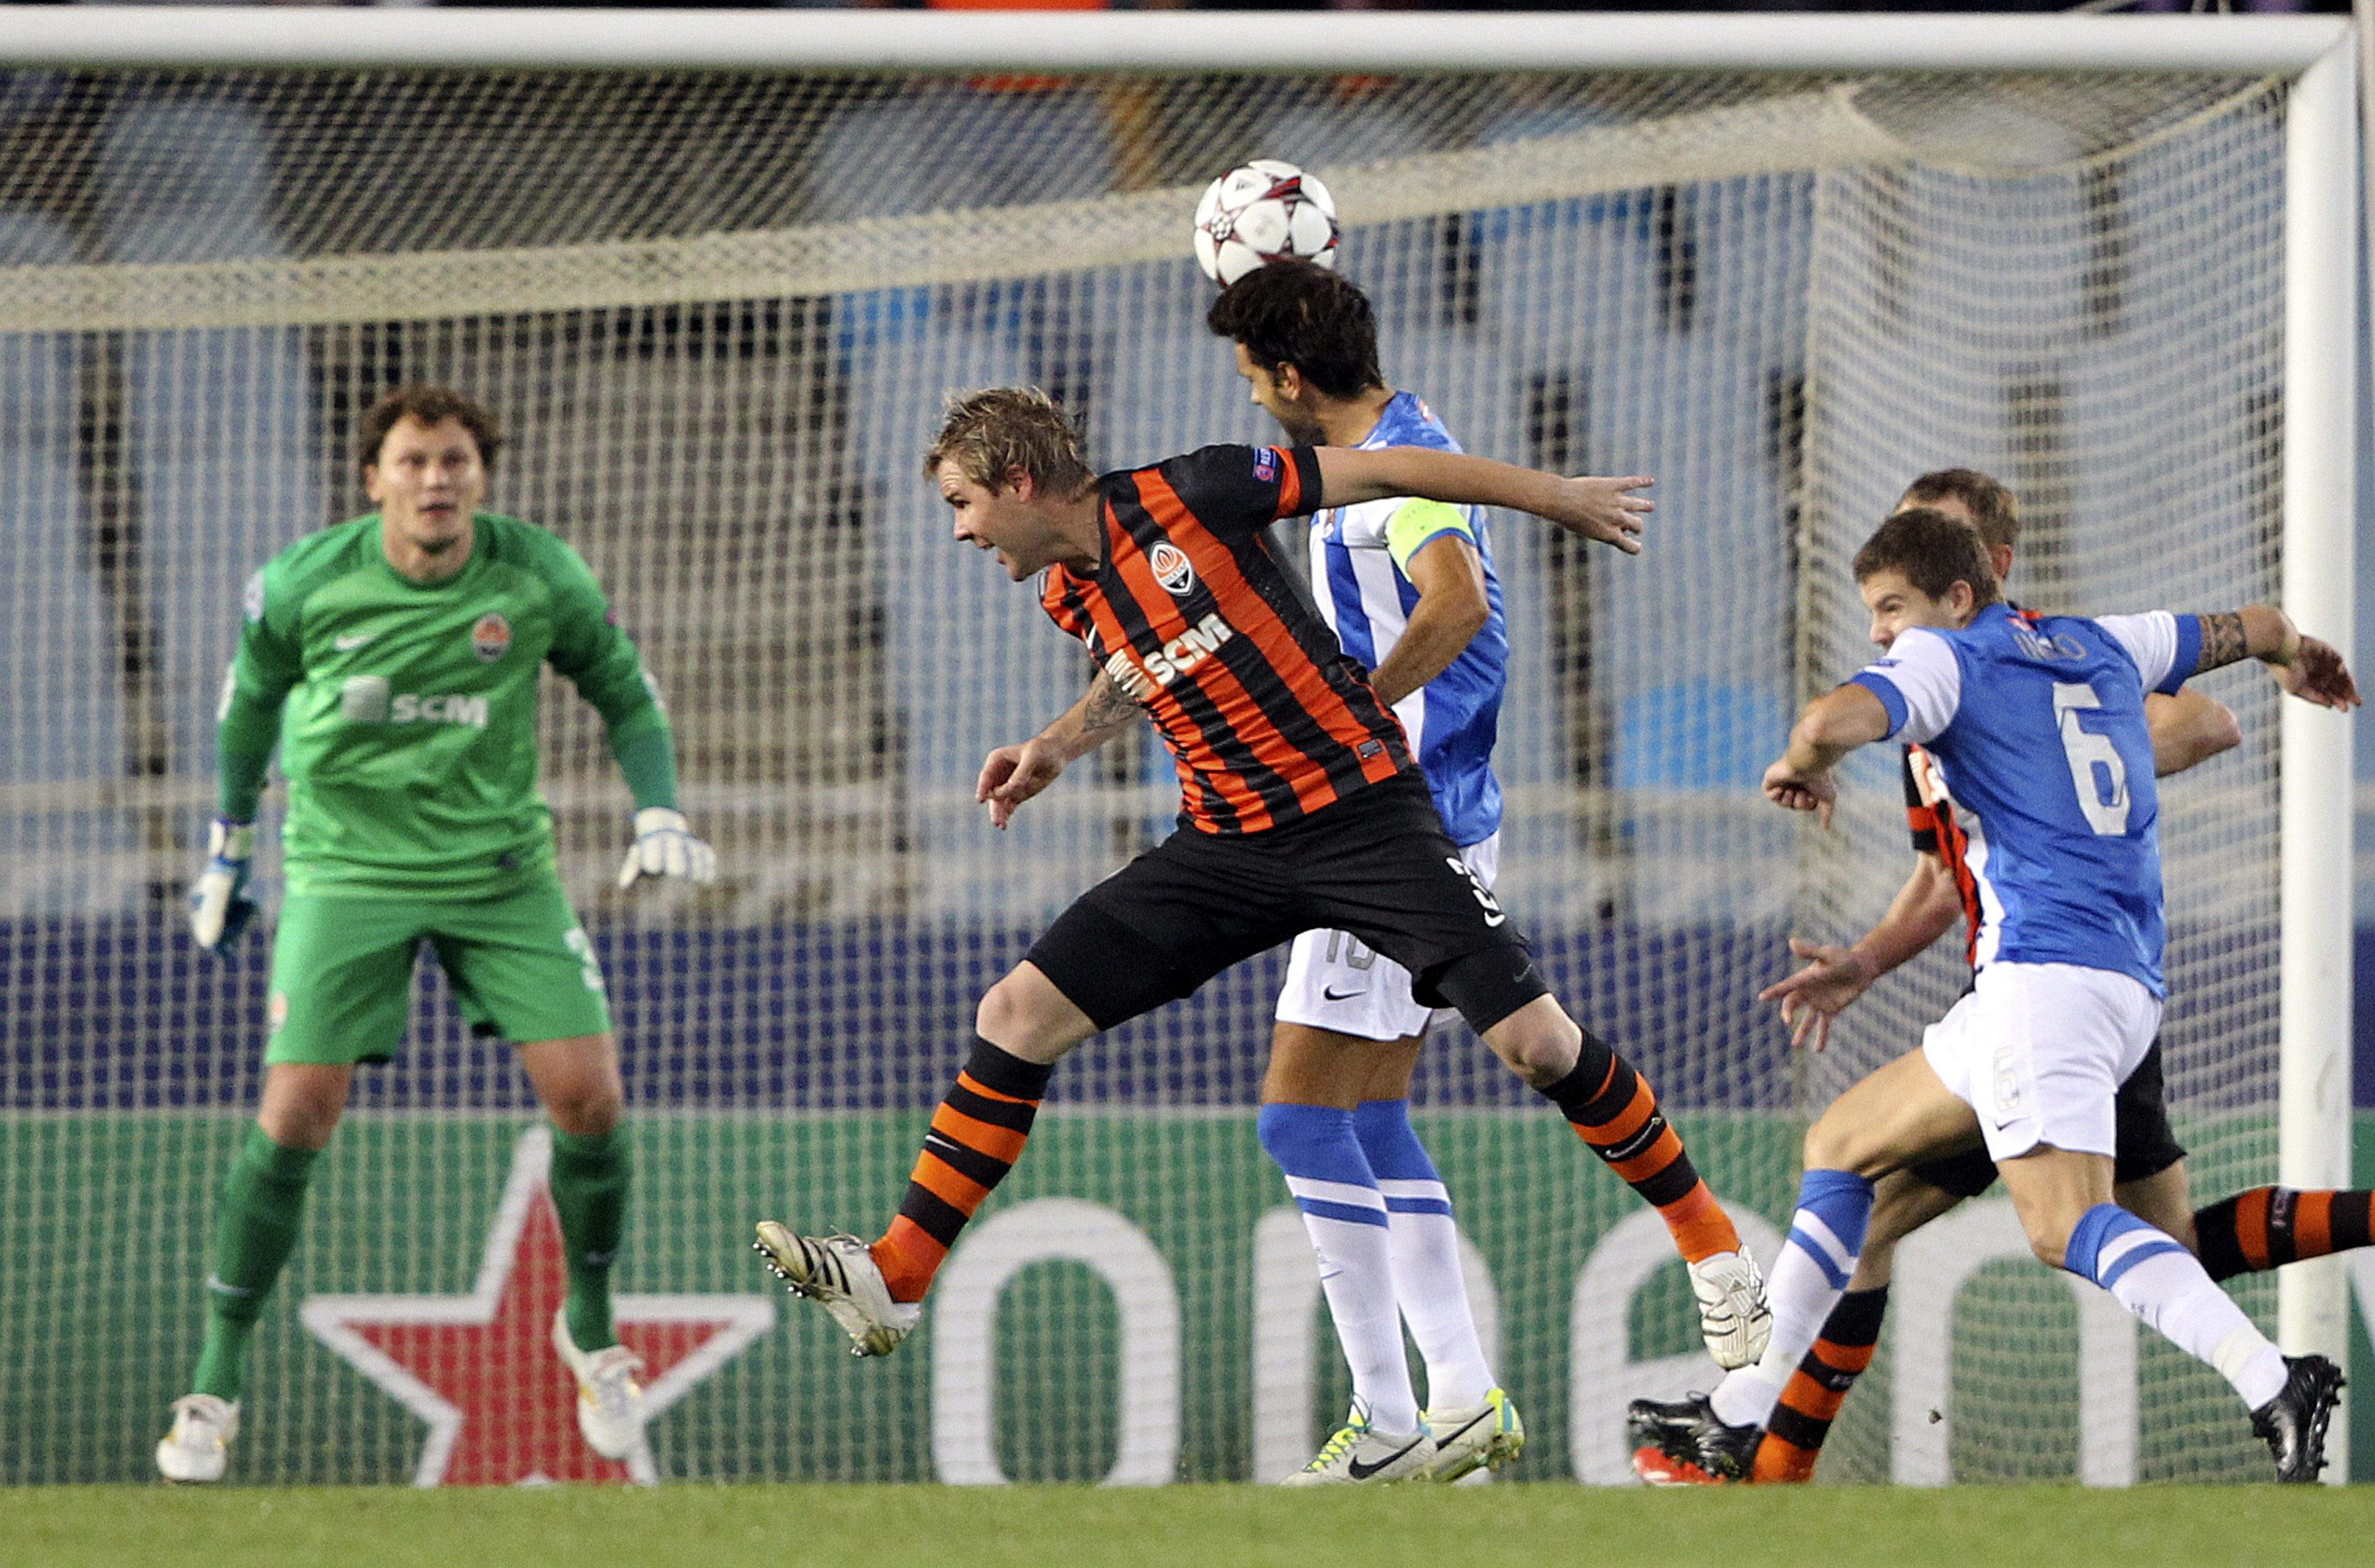 La Real puso el juego y Teixeira los goles para la victoria del Shakhtar